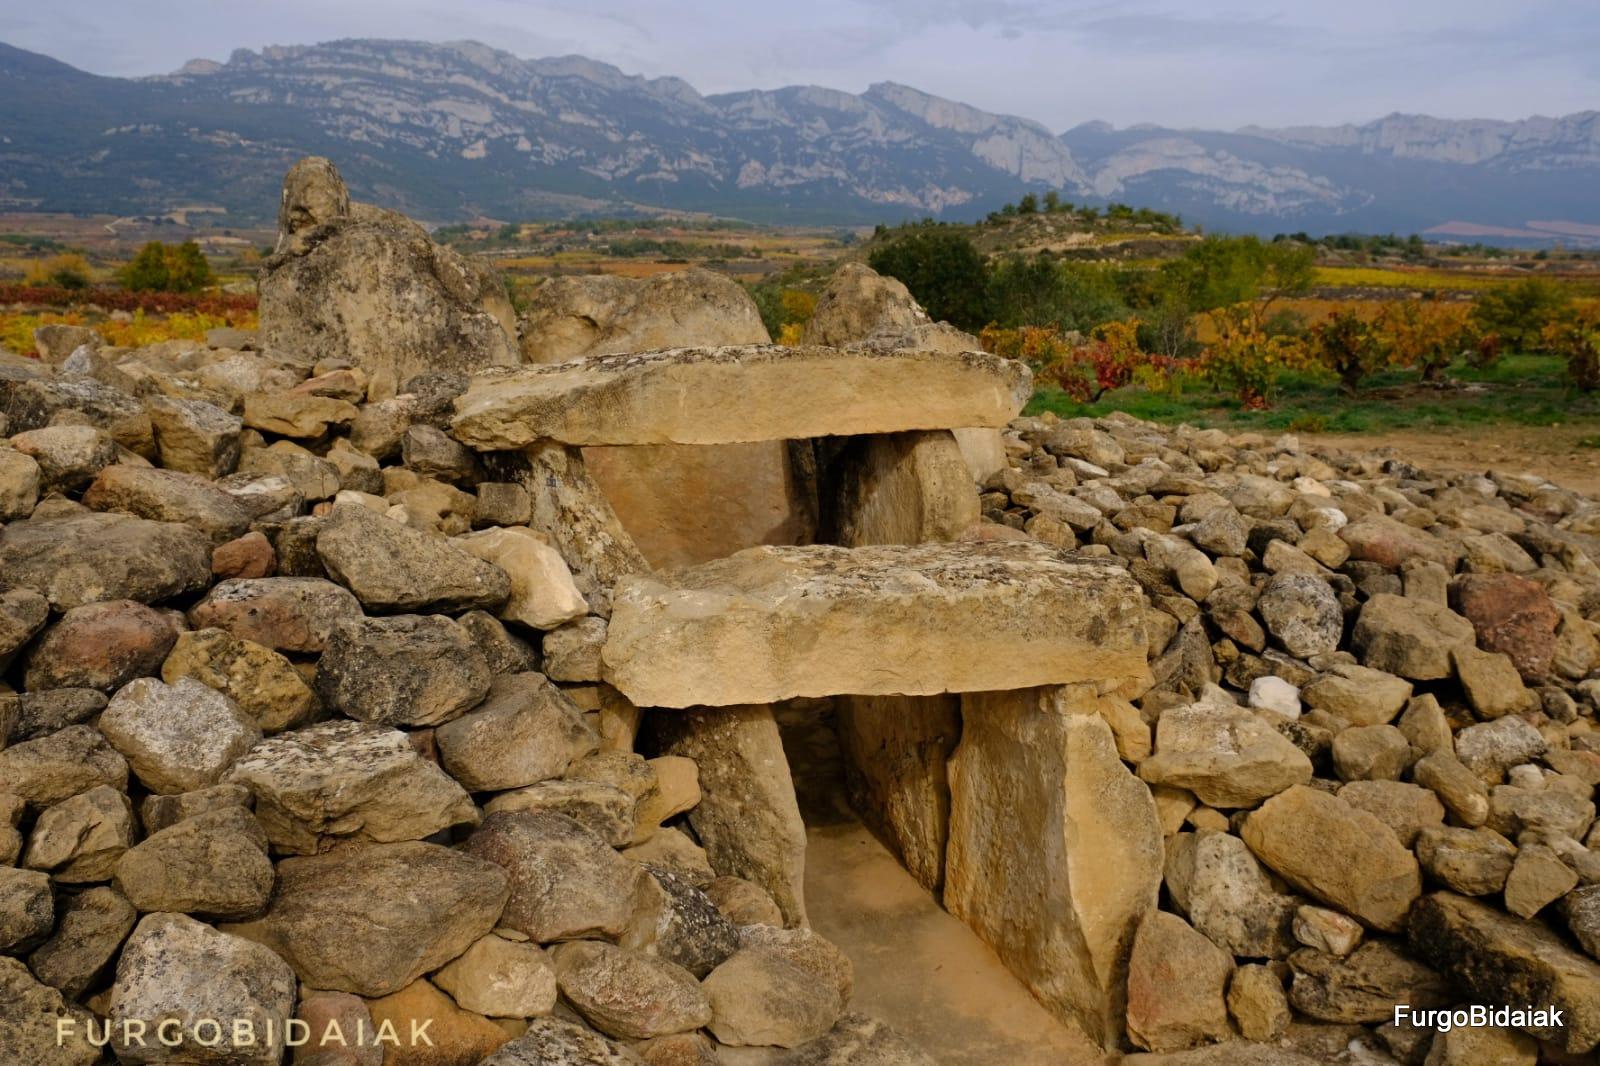 Dolmen el Montecillo, Ruta de los dólmenes, Rioja Alavesa, Araba